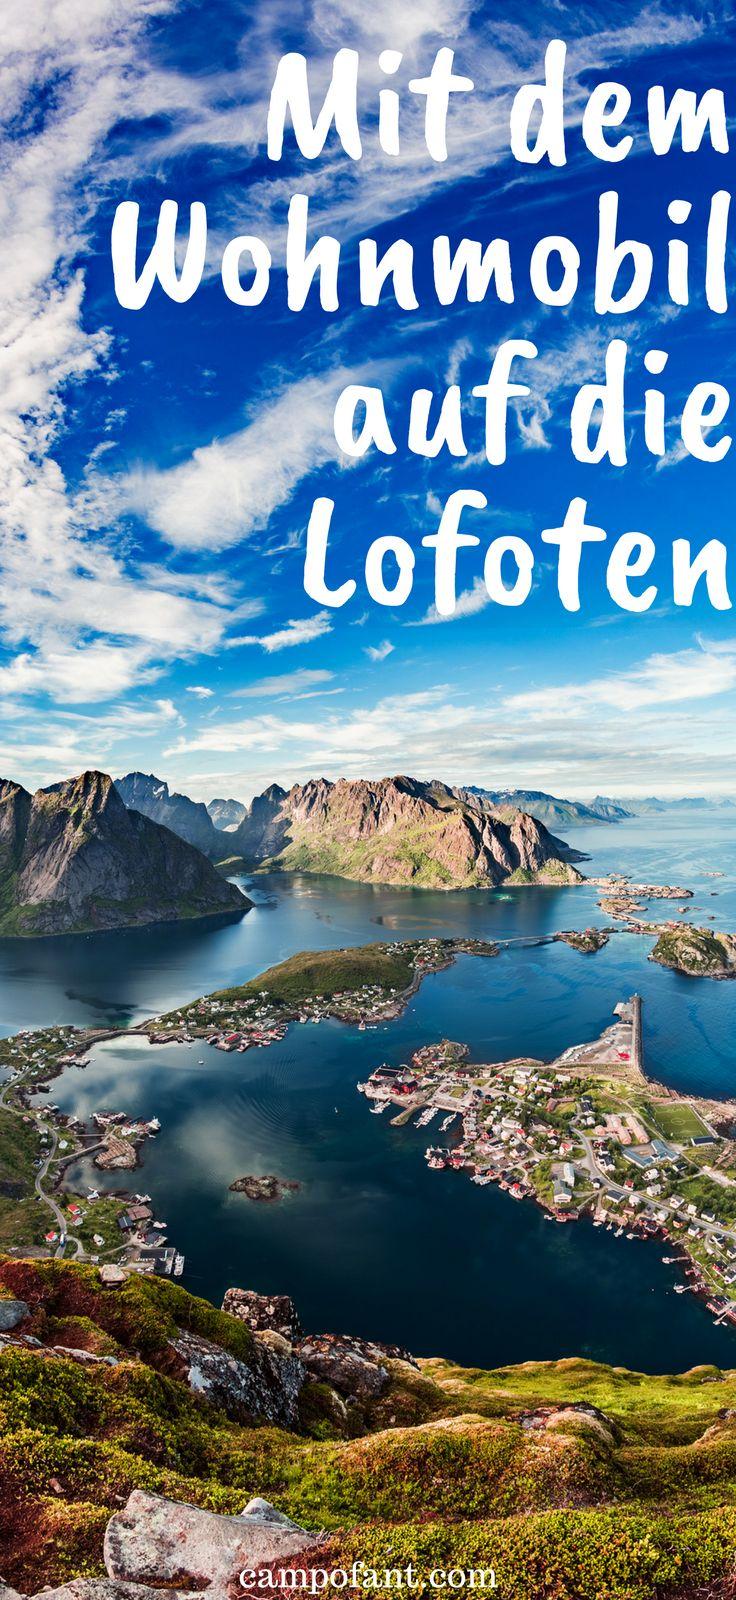 Die Lofoten in Norwegen sind ein beliebtes Reiseziel. Auch mit dem Wohnmobil ist diese Inselgruppe in Norwegen ein tolles Erlebnis. Türkisblaues Meer, weißer Sandstrand und wunderschöne kleine Dörfer. Die Lofoten muss man einfach gesehen haben. Wir haben in diesem Beitrag die besten Tipps für Norwegen mit dem Wohnmobil. Du bist noch auf der Suche nach tollen Reiseideen? Dann wäre das der Tipp für eine unvergessliche Reise nach Norwegen. #norwegen #lofoten #wohnmobil #reisen #skandinavien